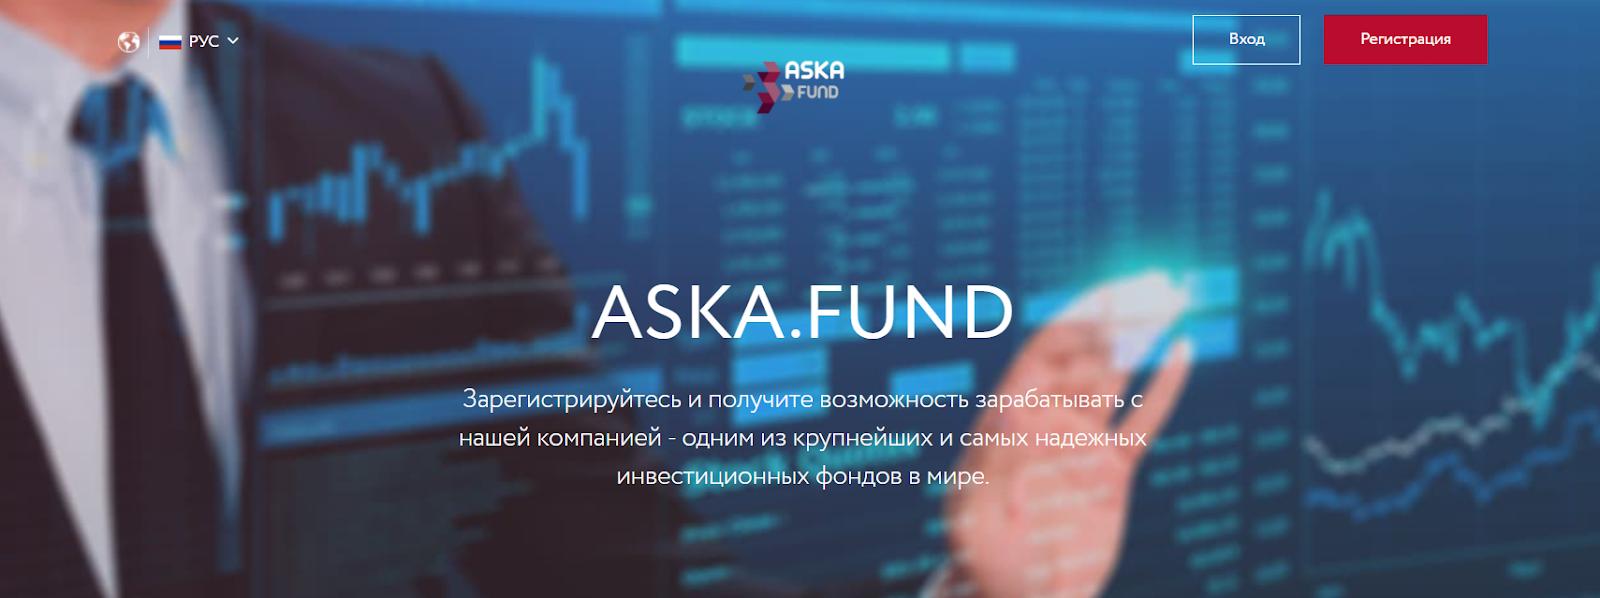 Отзывы об Aska Fund: есть ли смысл инвестировать? реальные отзывы